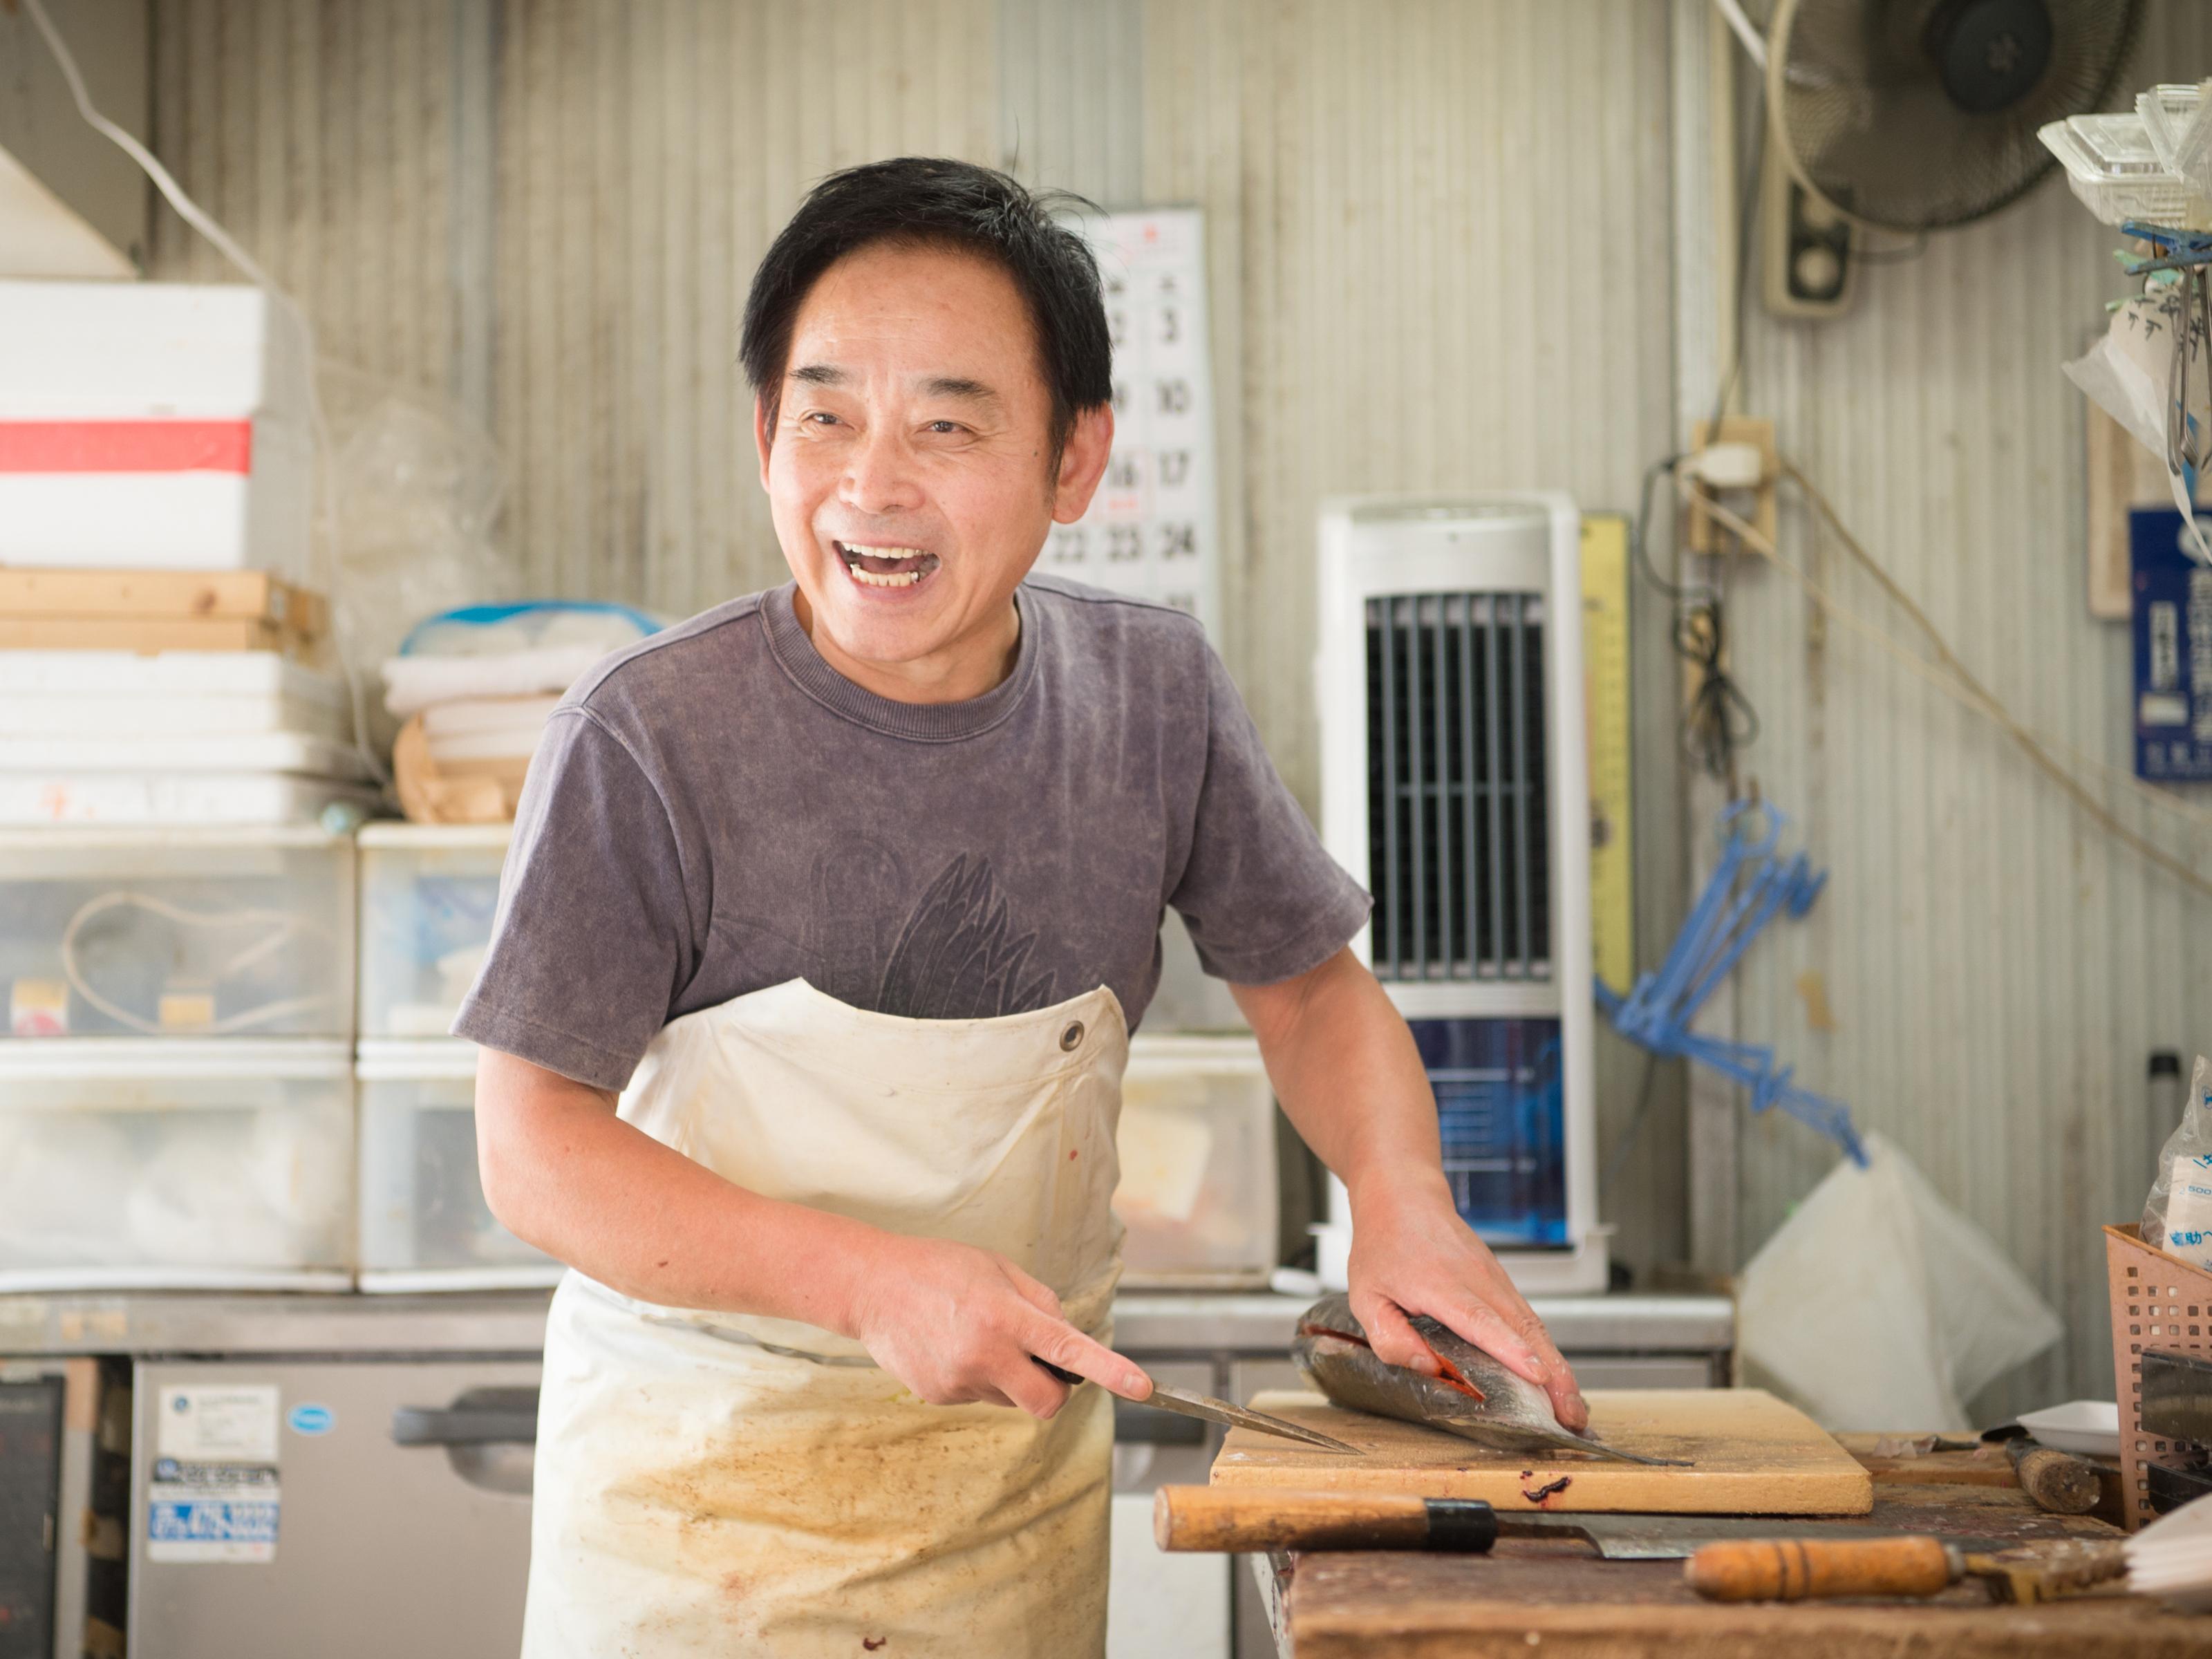 天然モノにこだわる魚屋 鮮魚・丸幸 佐藤さん家族